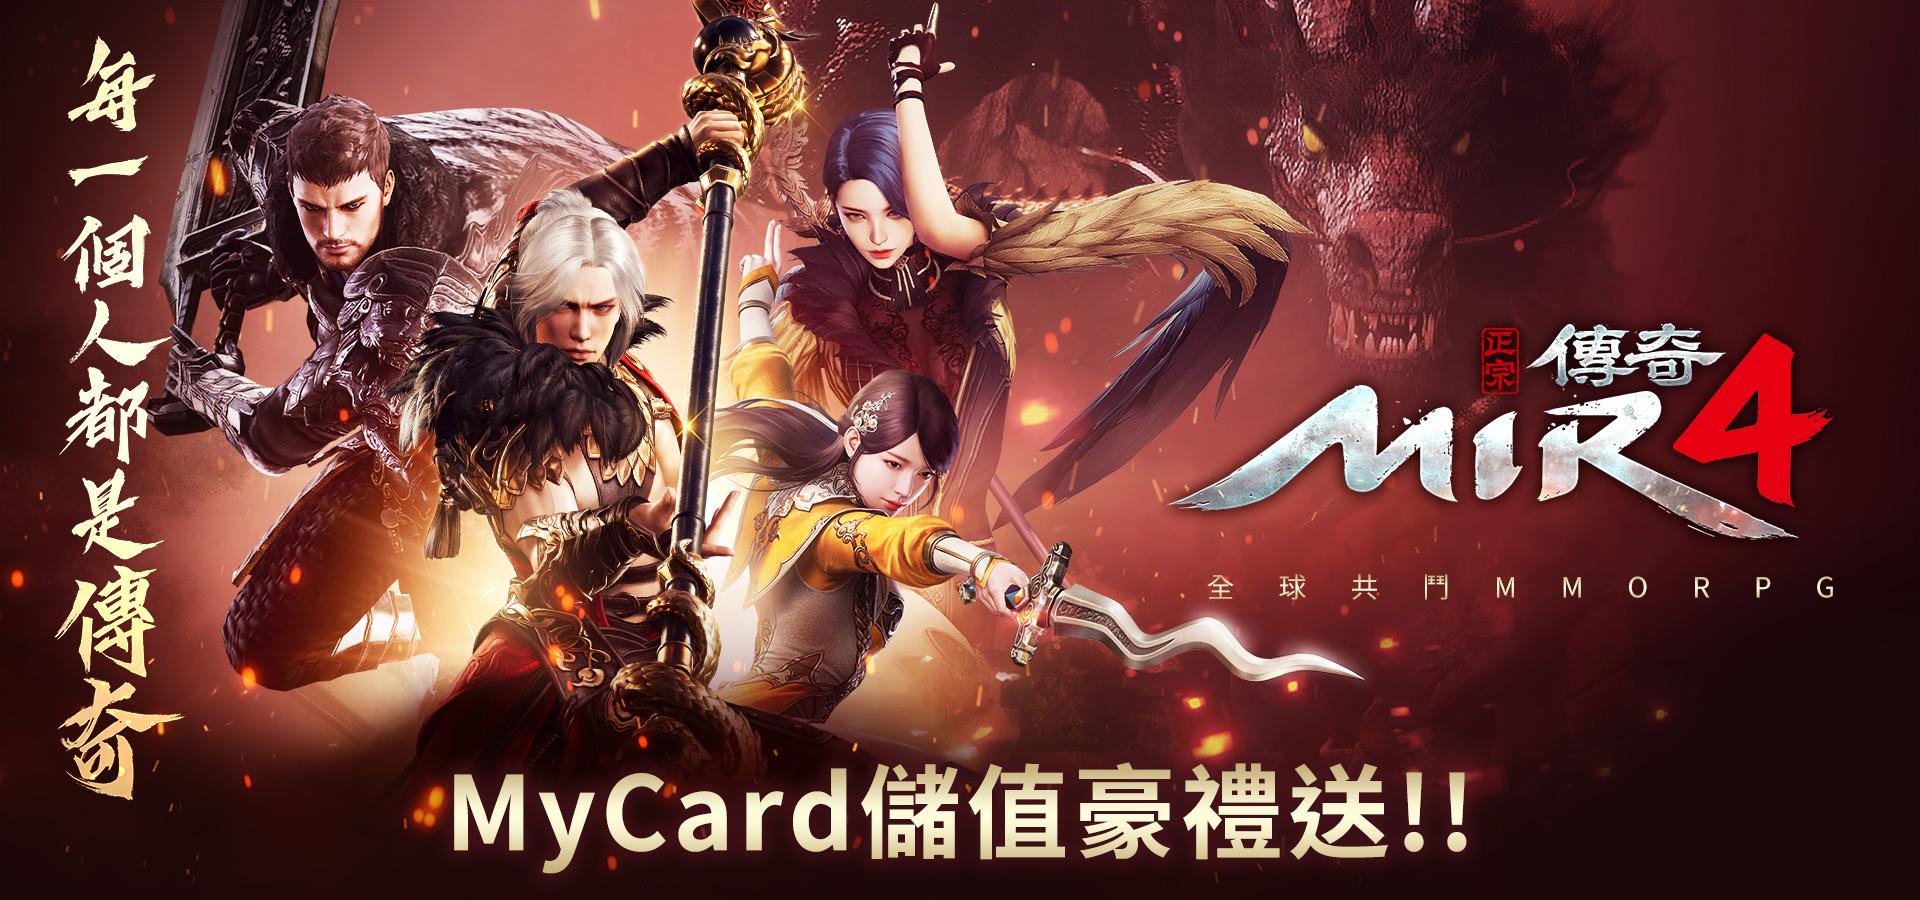 《傳奇4》MyCard儲值享超值好禮回饋